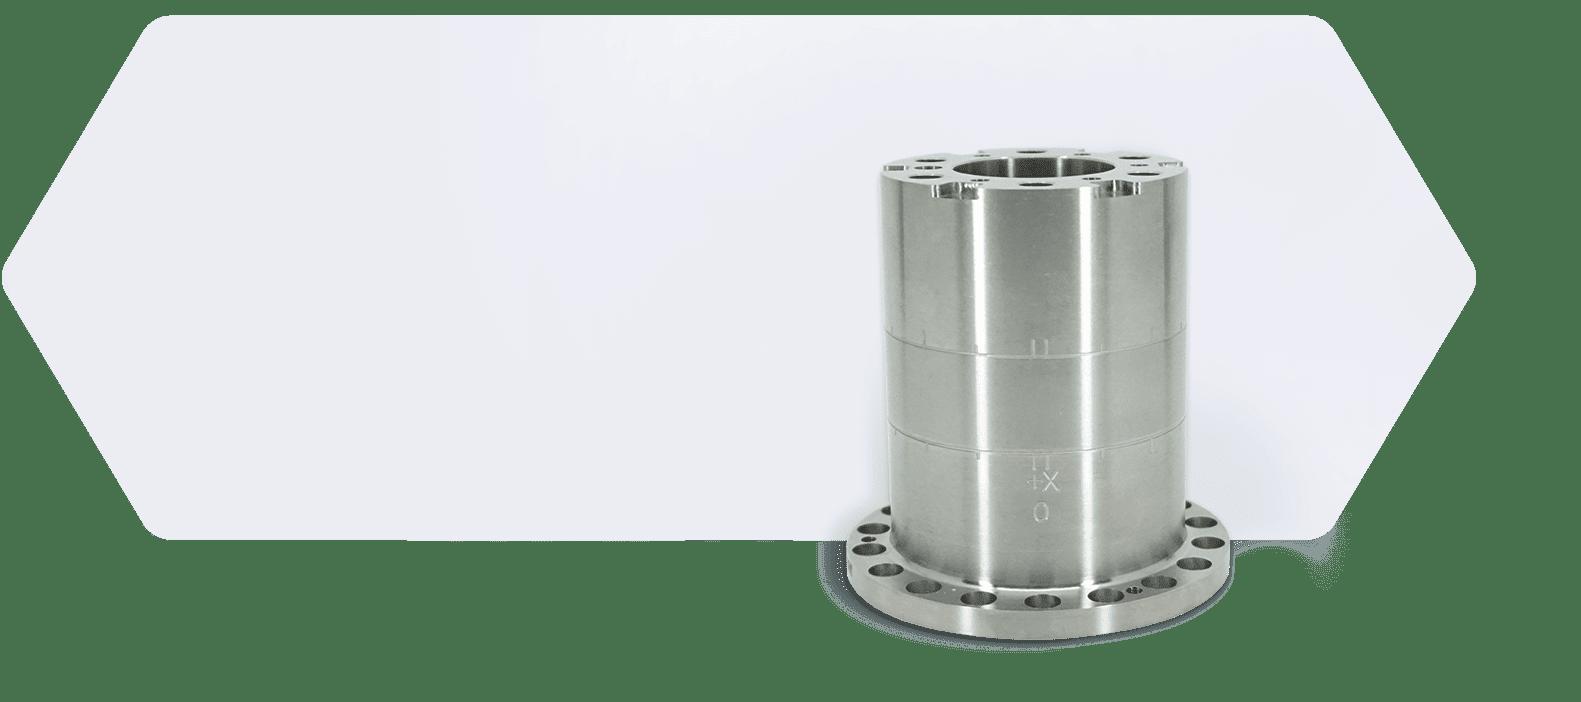 Robotics Project Force Torque Sensor